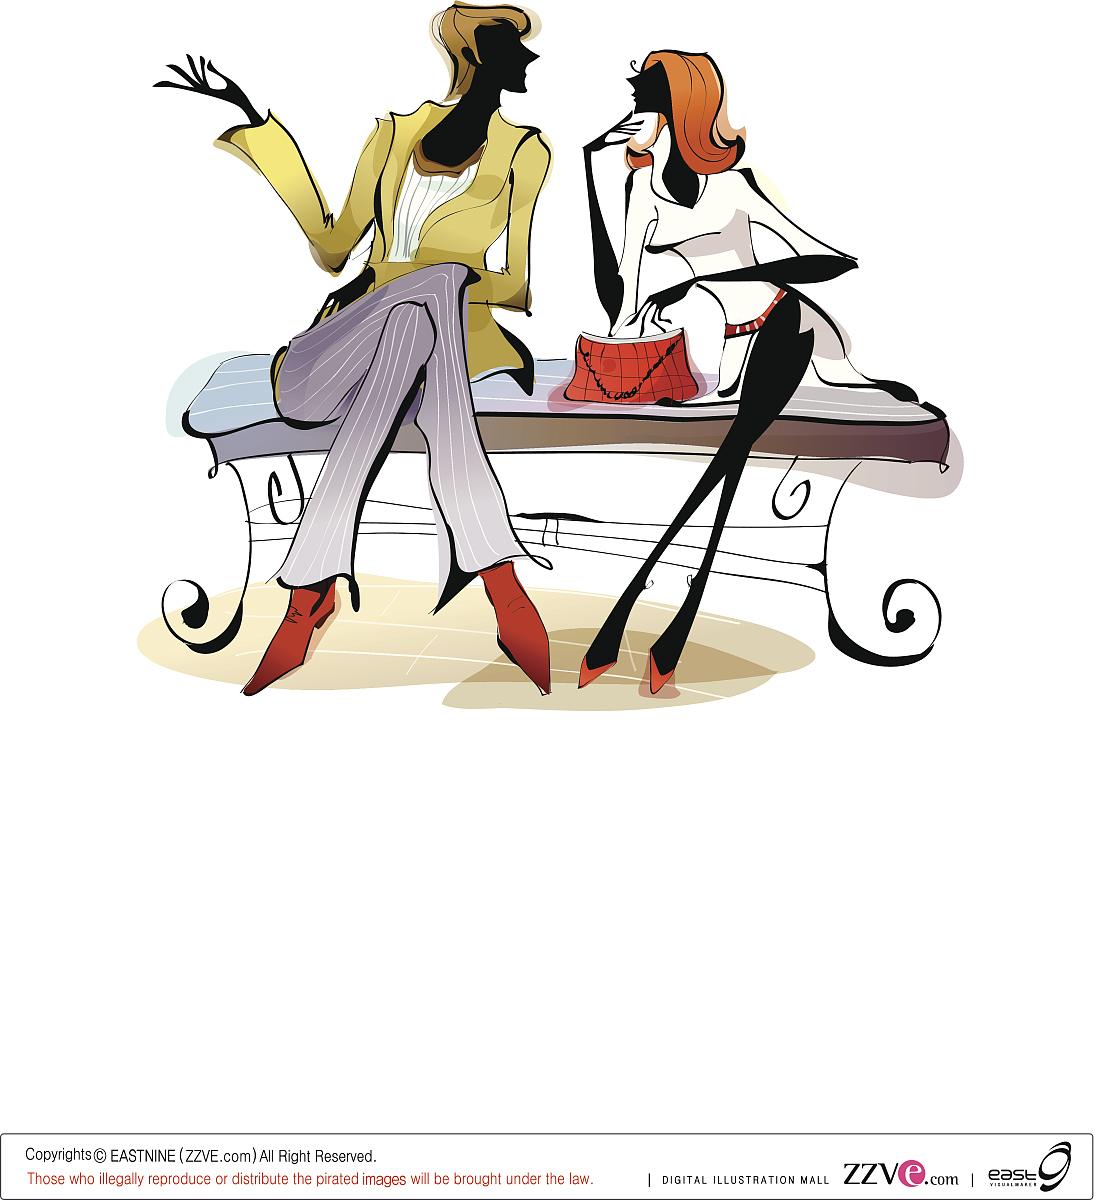 女性,女人,休闲活动,矢量,打电话,挨着,头发长度,无线电技术,伴侣,女图片